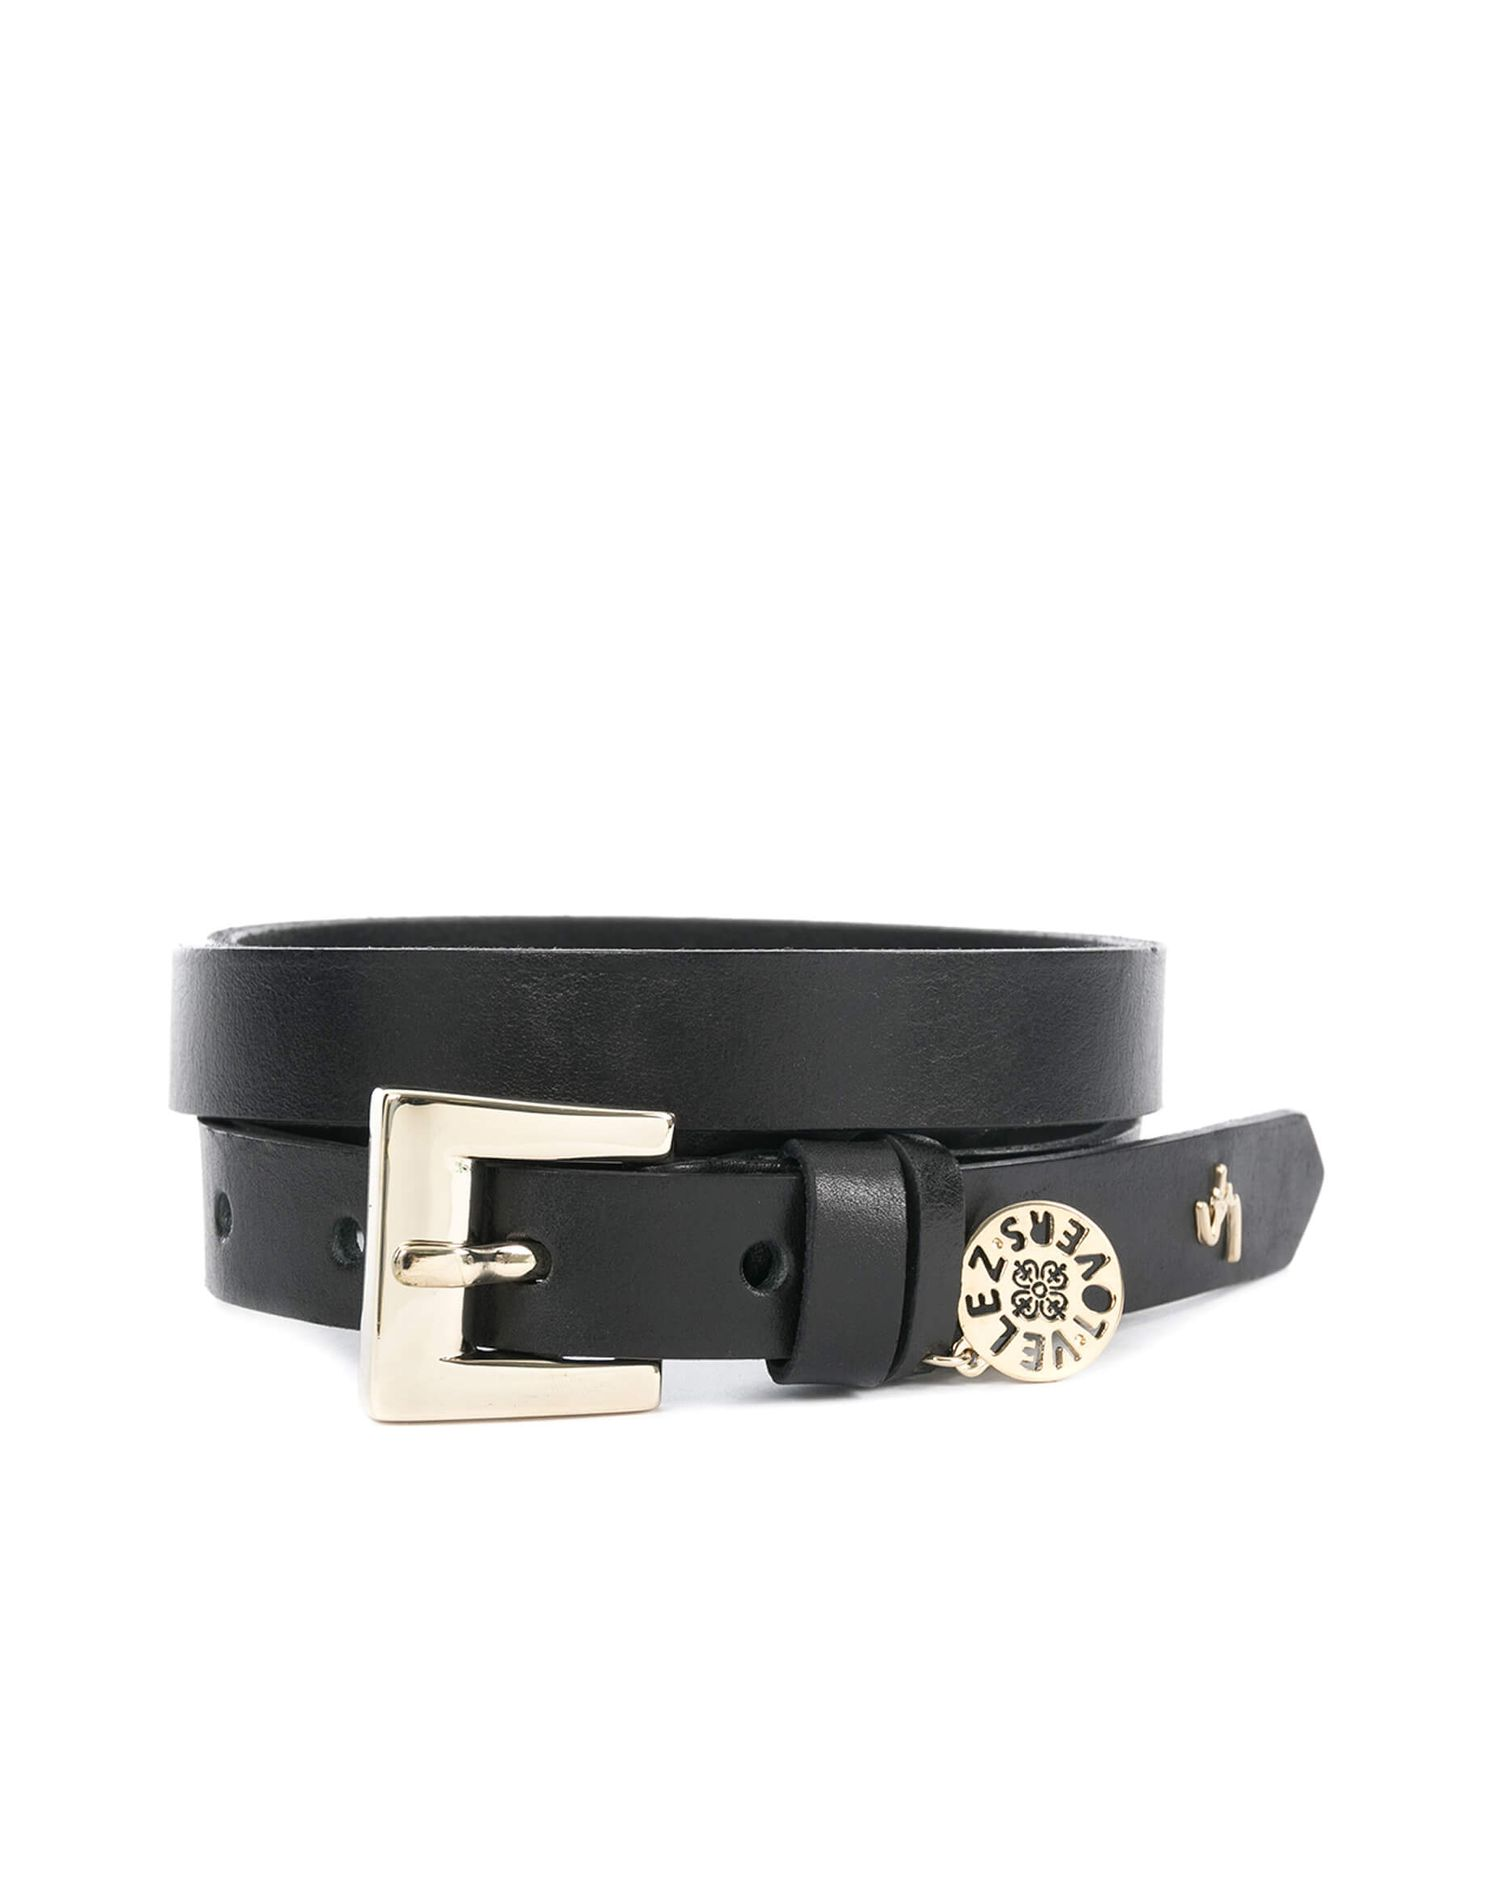 58fed51a11051 Cinturón unifaz de cuero para mujer 19178